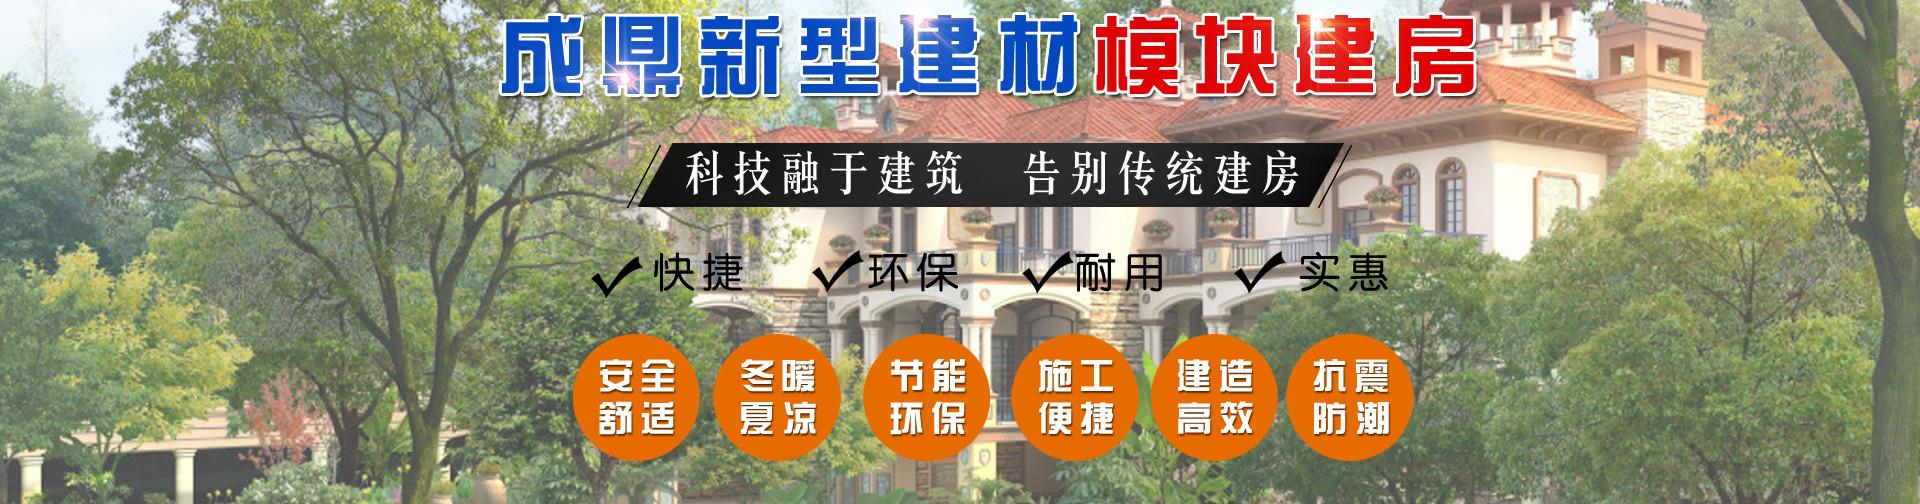 河南成鼎新型建材有限公司